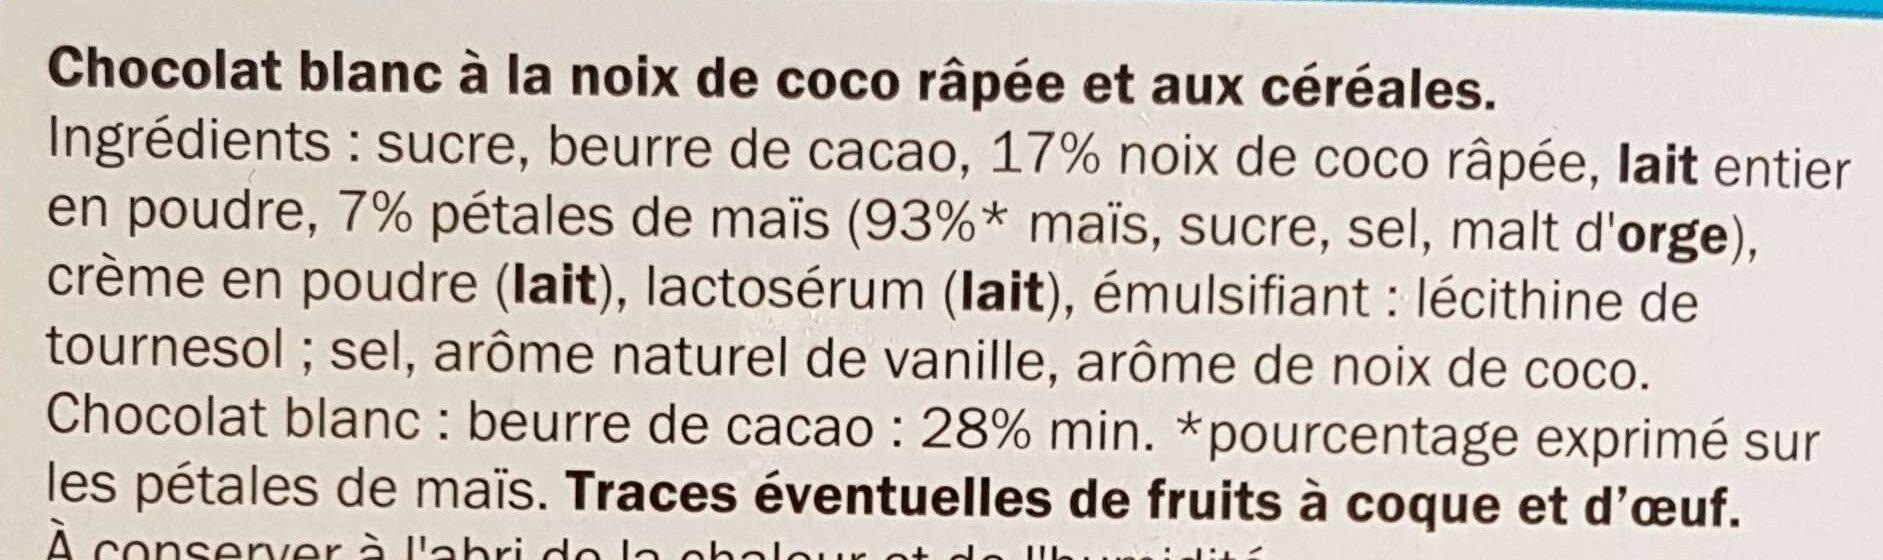 Blanc Noix de coco & céréales - Ingredients - fr